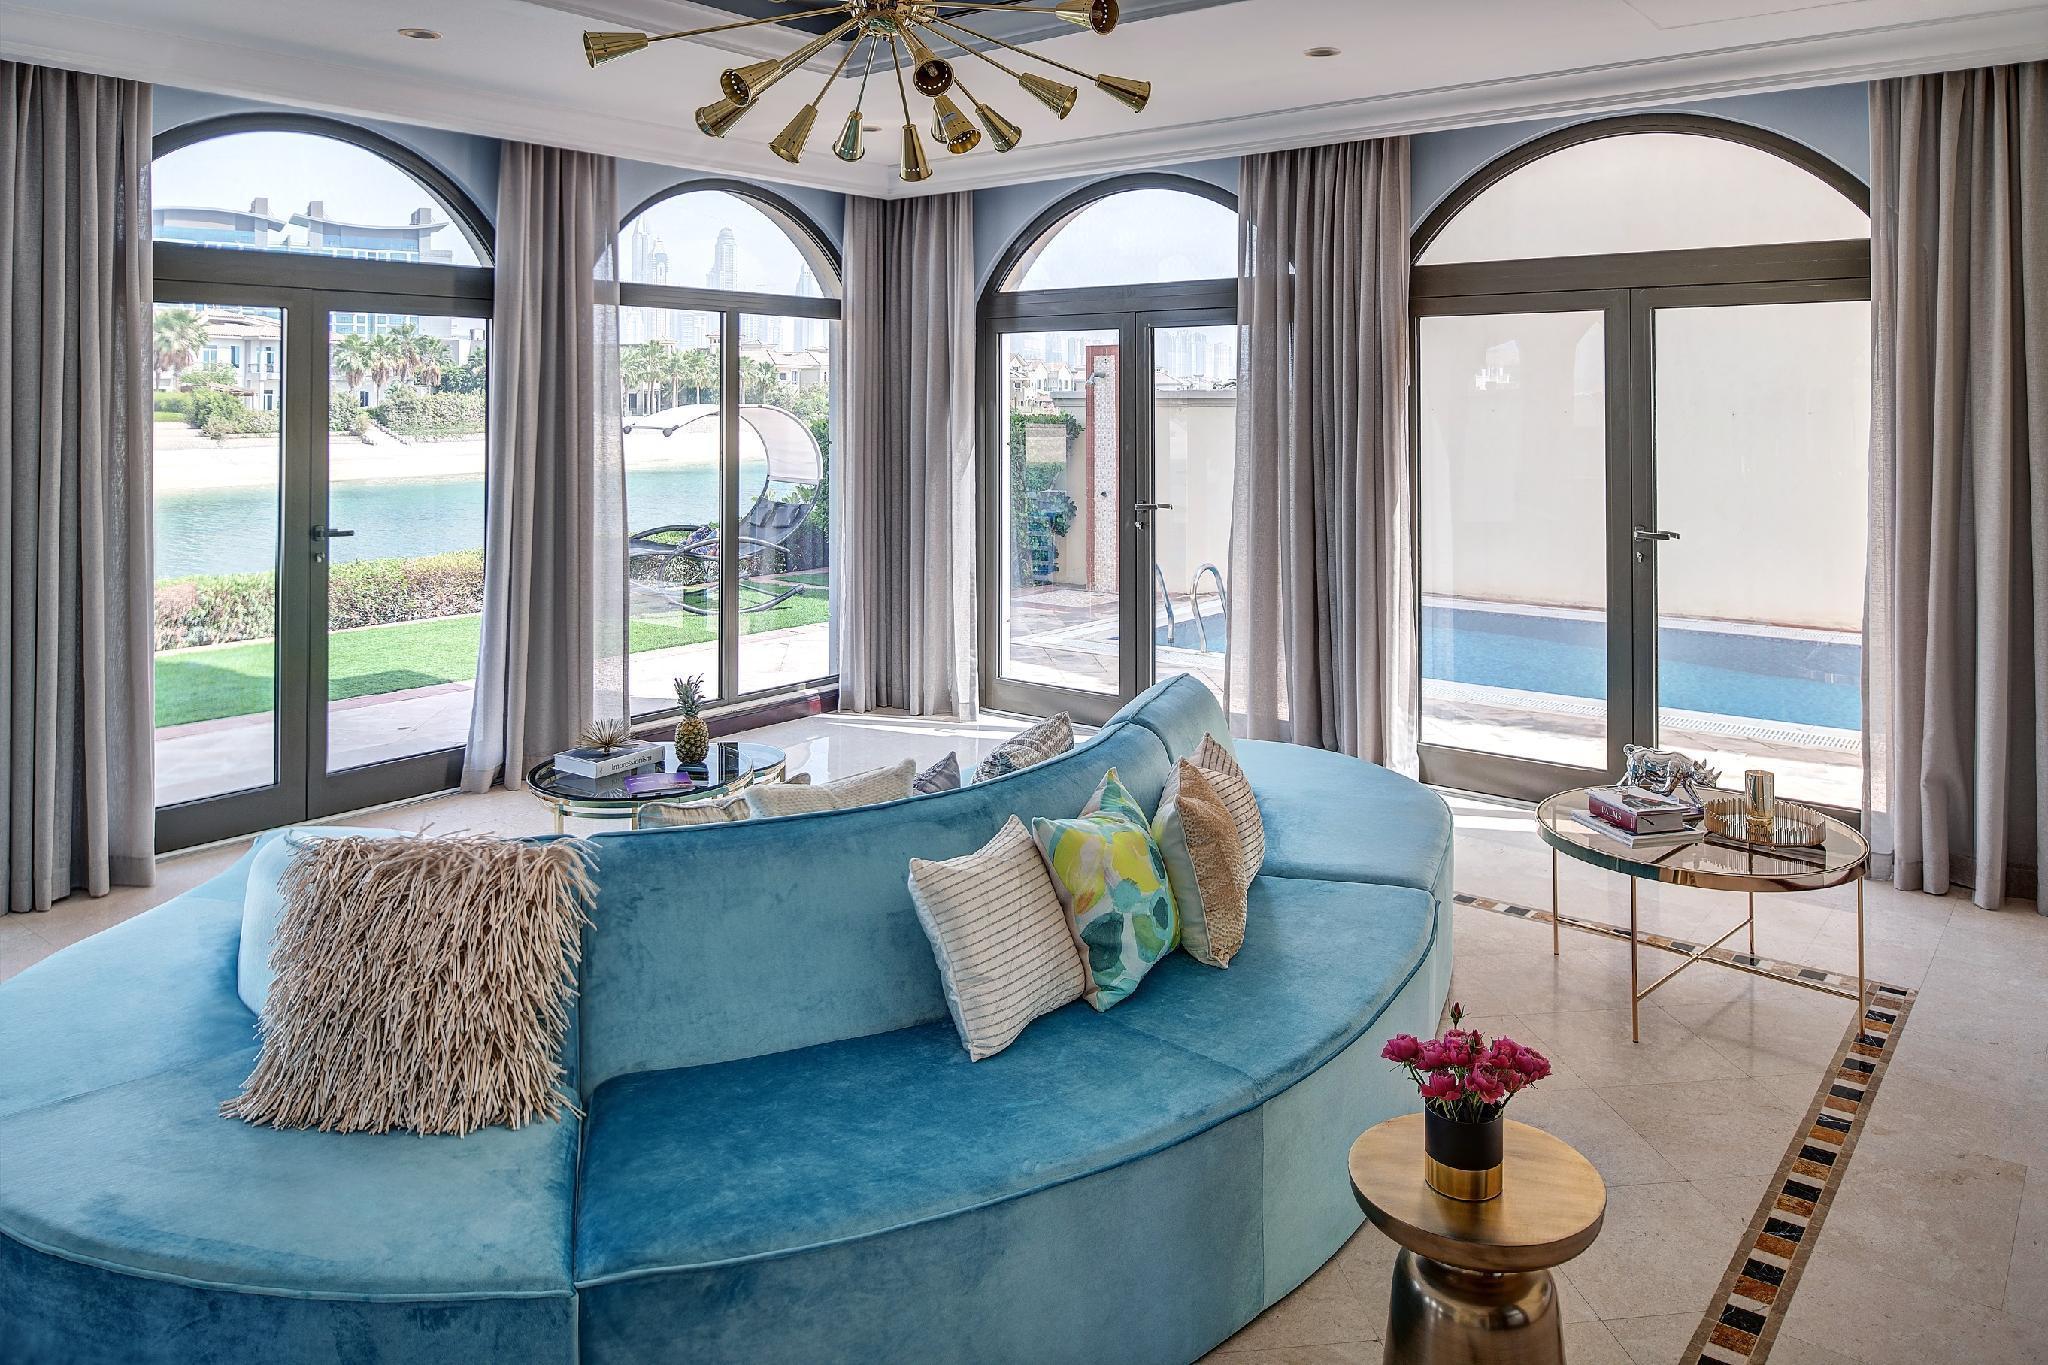 Dream Inn Dubai - Presidential Villa